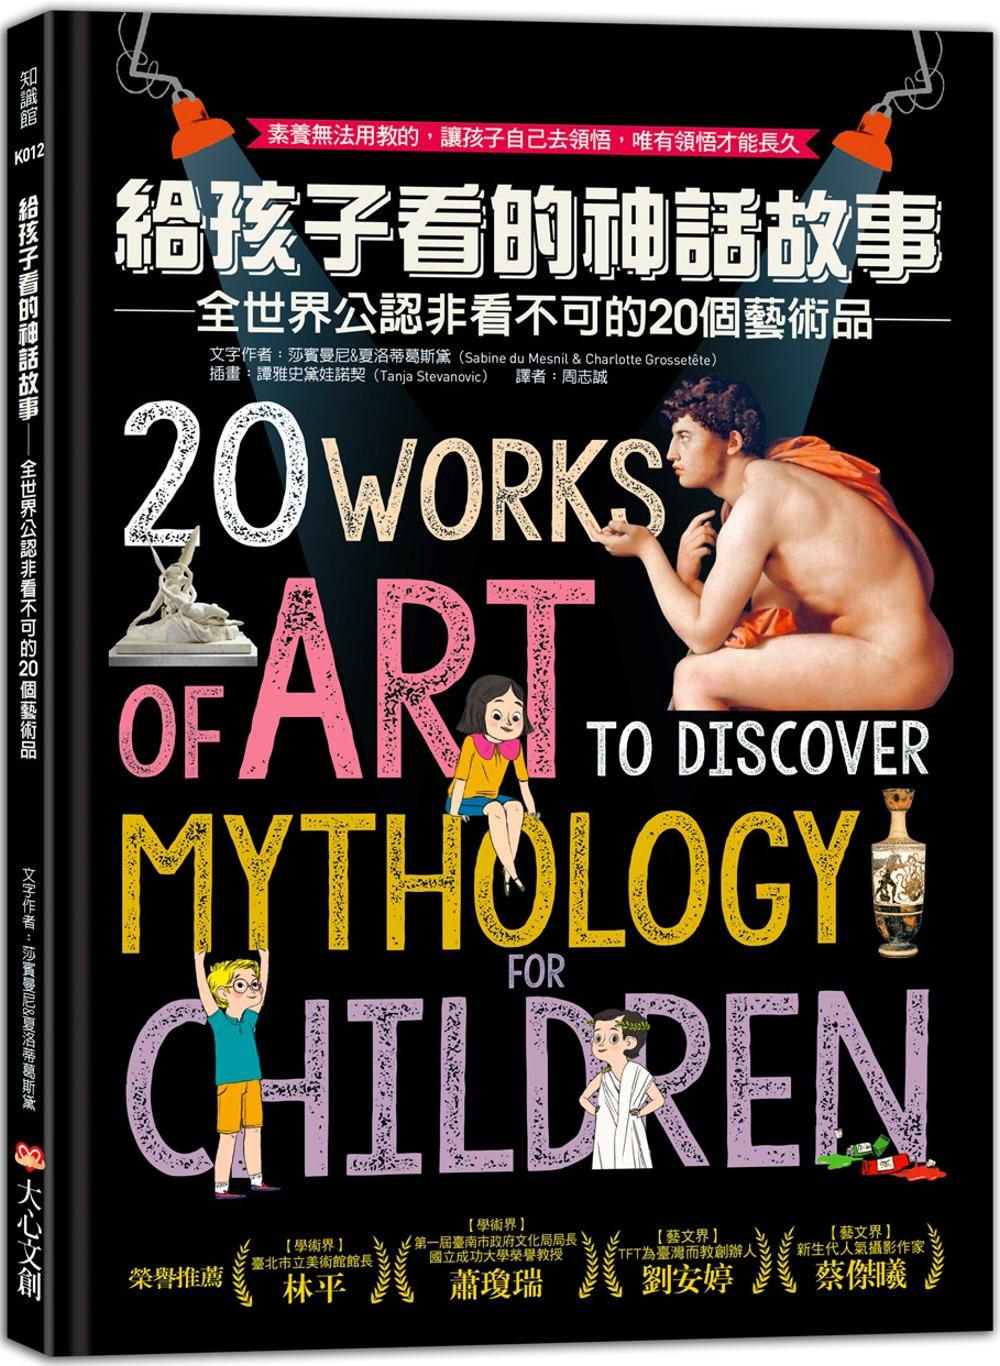 給孩子看的神話故事:全世界公認...